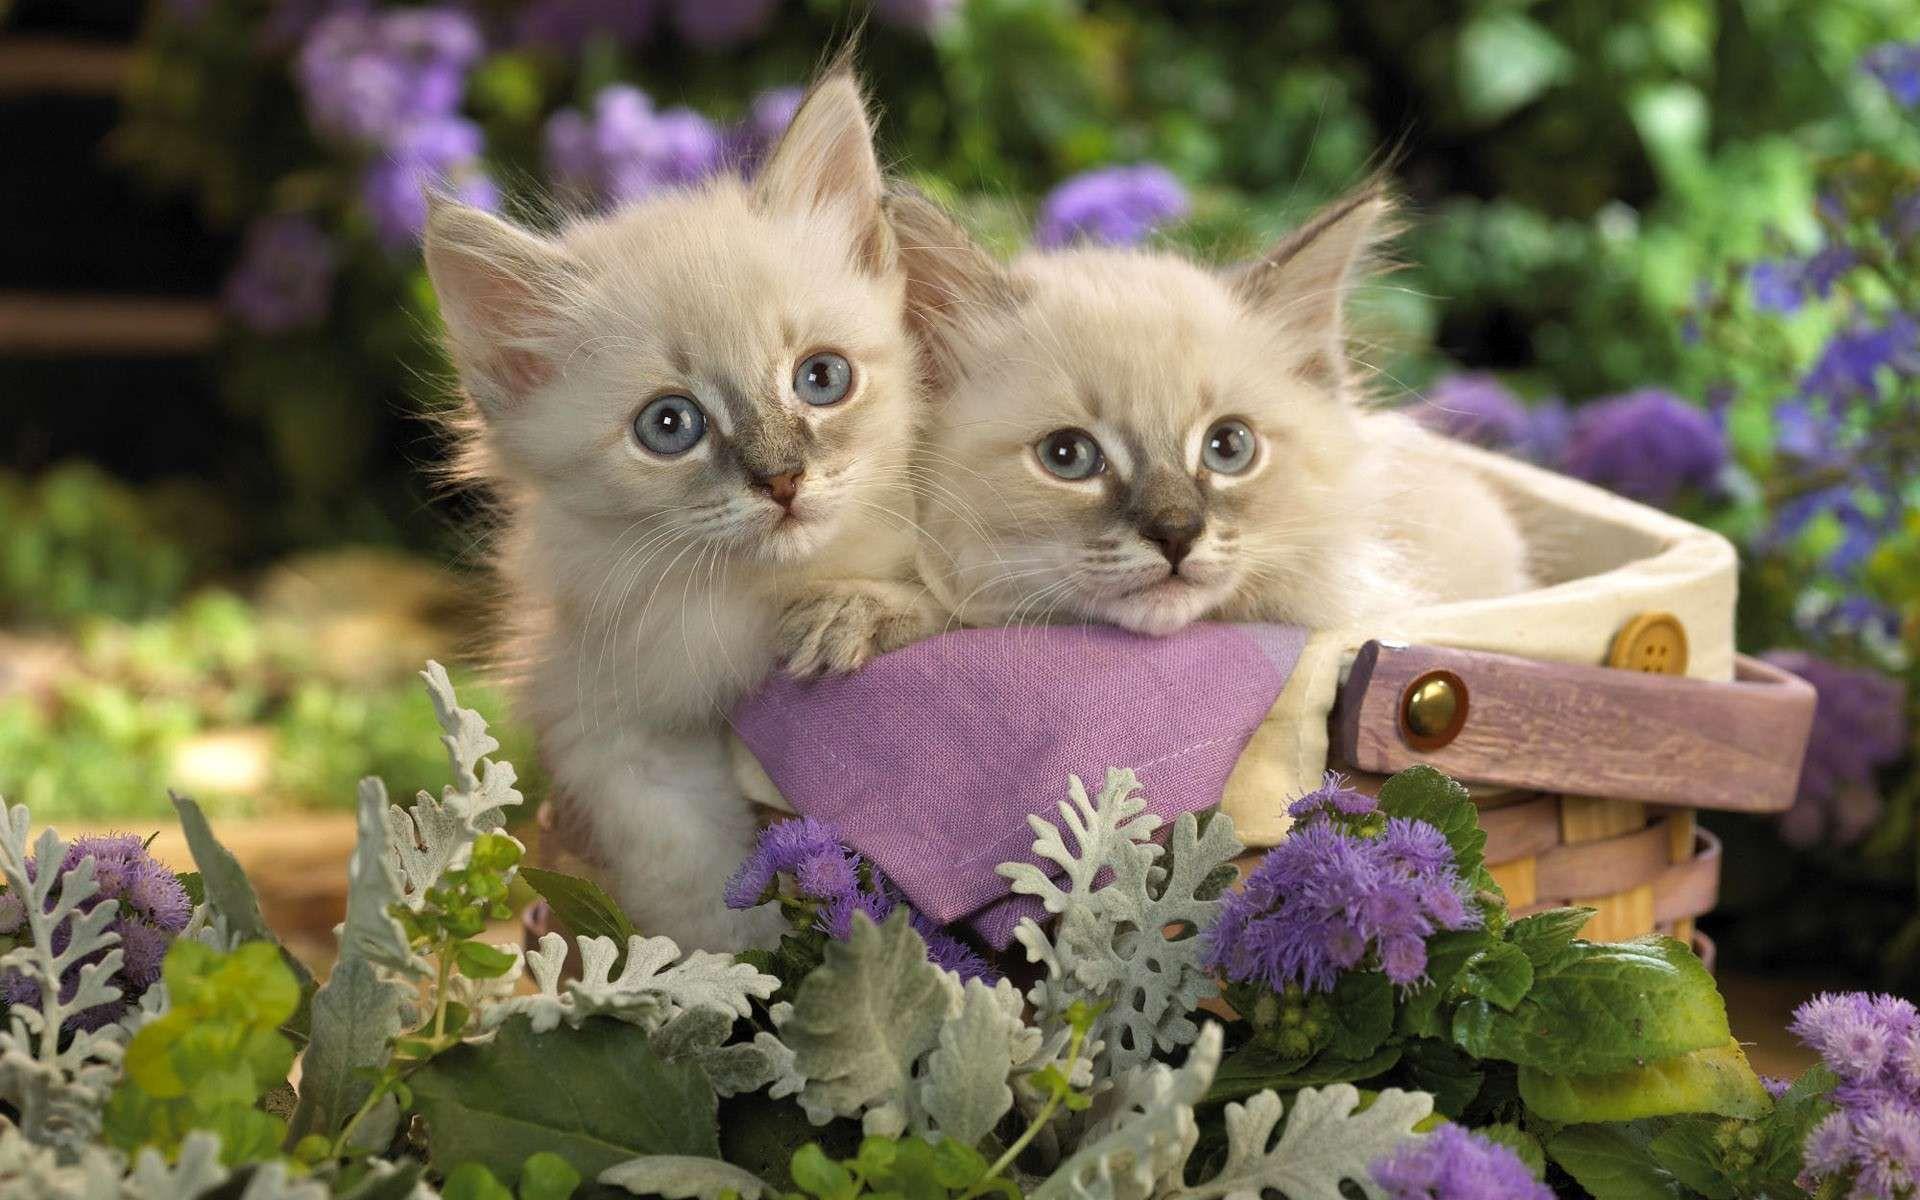 Fongoland Cute Kittens Fond D Ecran Mignon Chat Animaux Les Plus Mignons